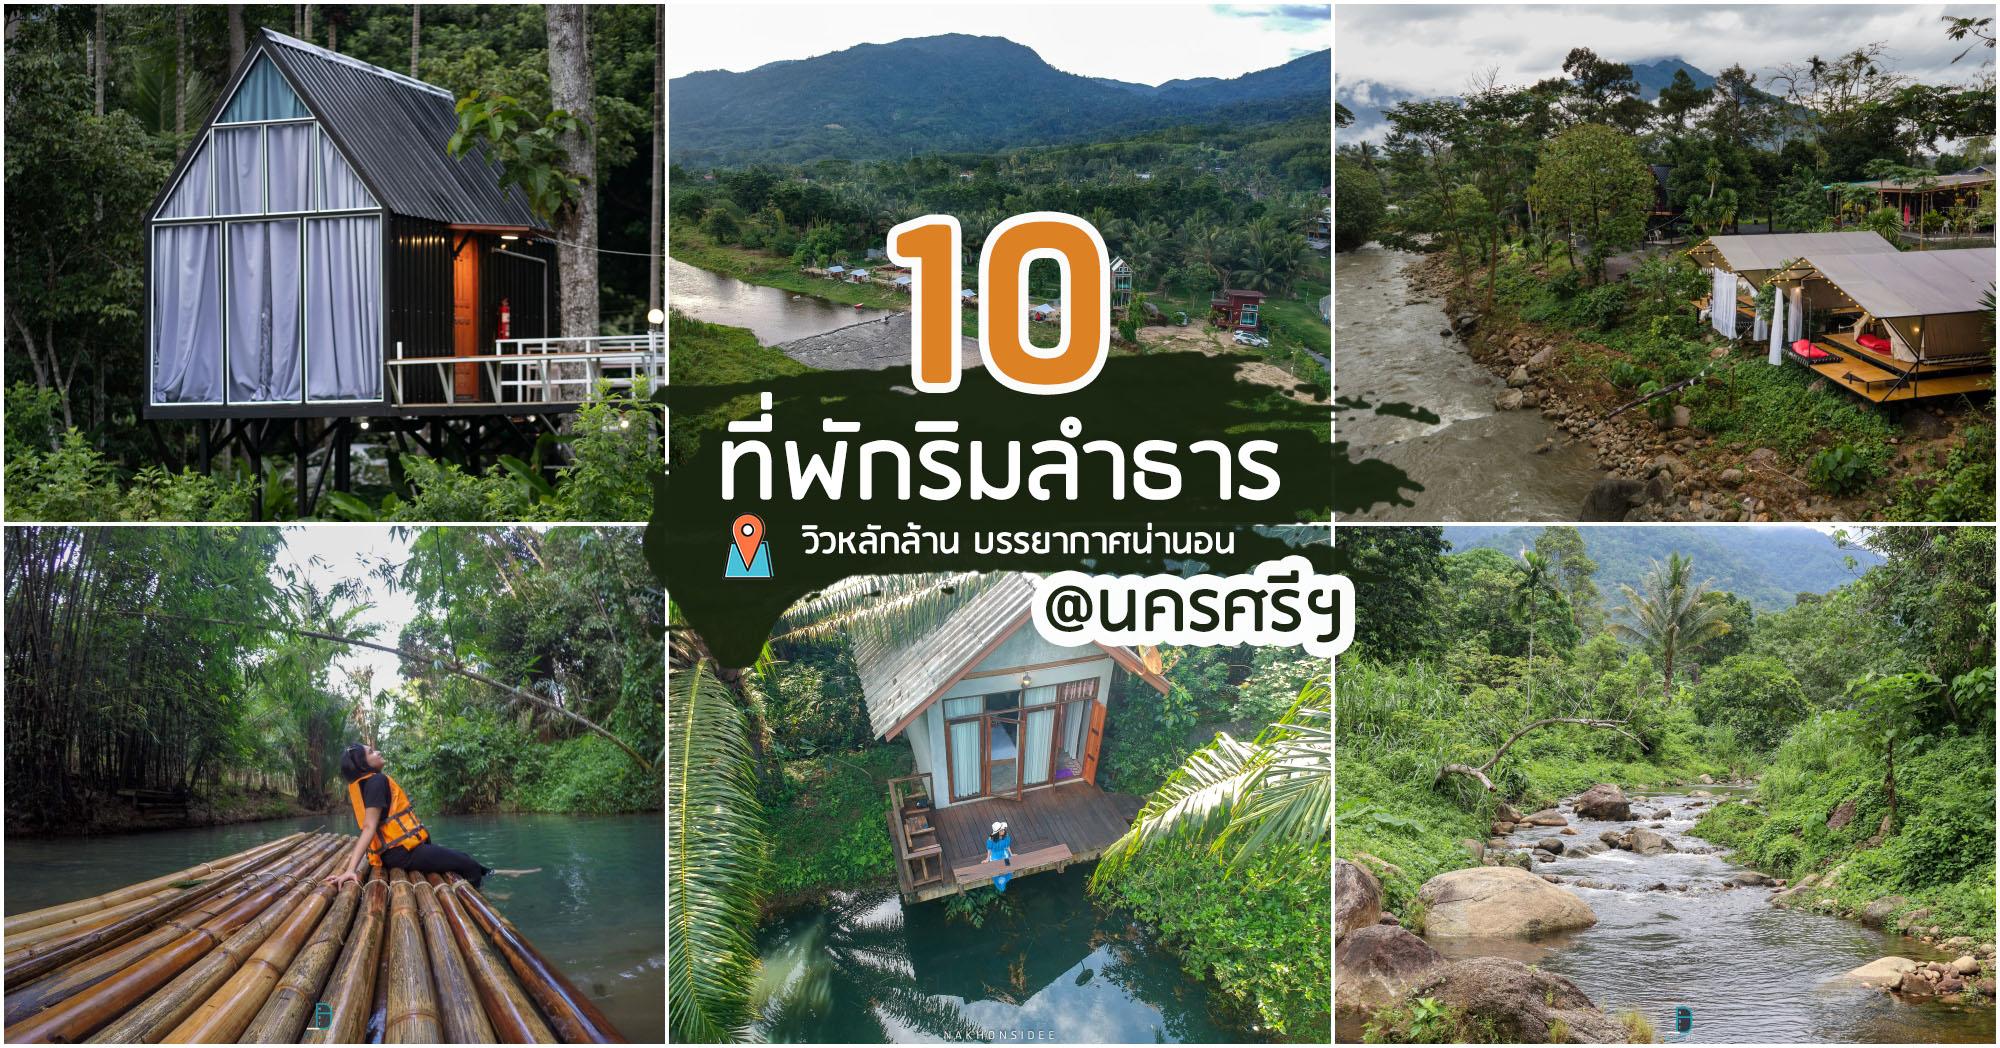 10 ที่พักริมลำธาร กลางป่า นครศรีธรรมราช บรรยากาศชิวน่านอน ธรรมชาติล้วนๆ ต้องเช็คอินให้ครบ 2021